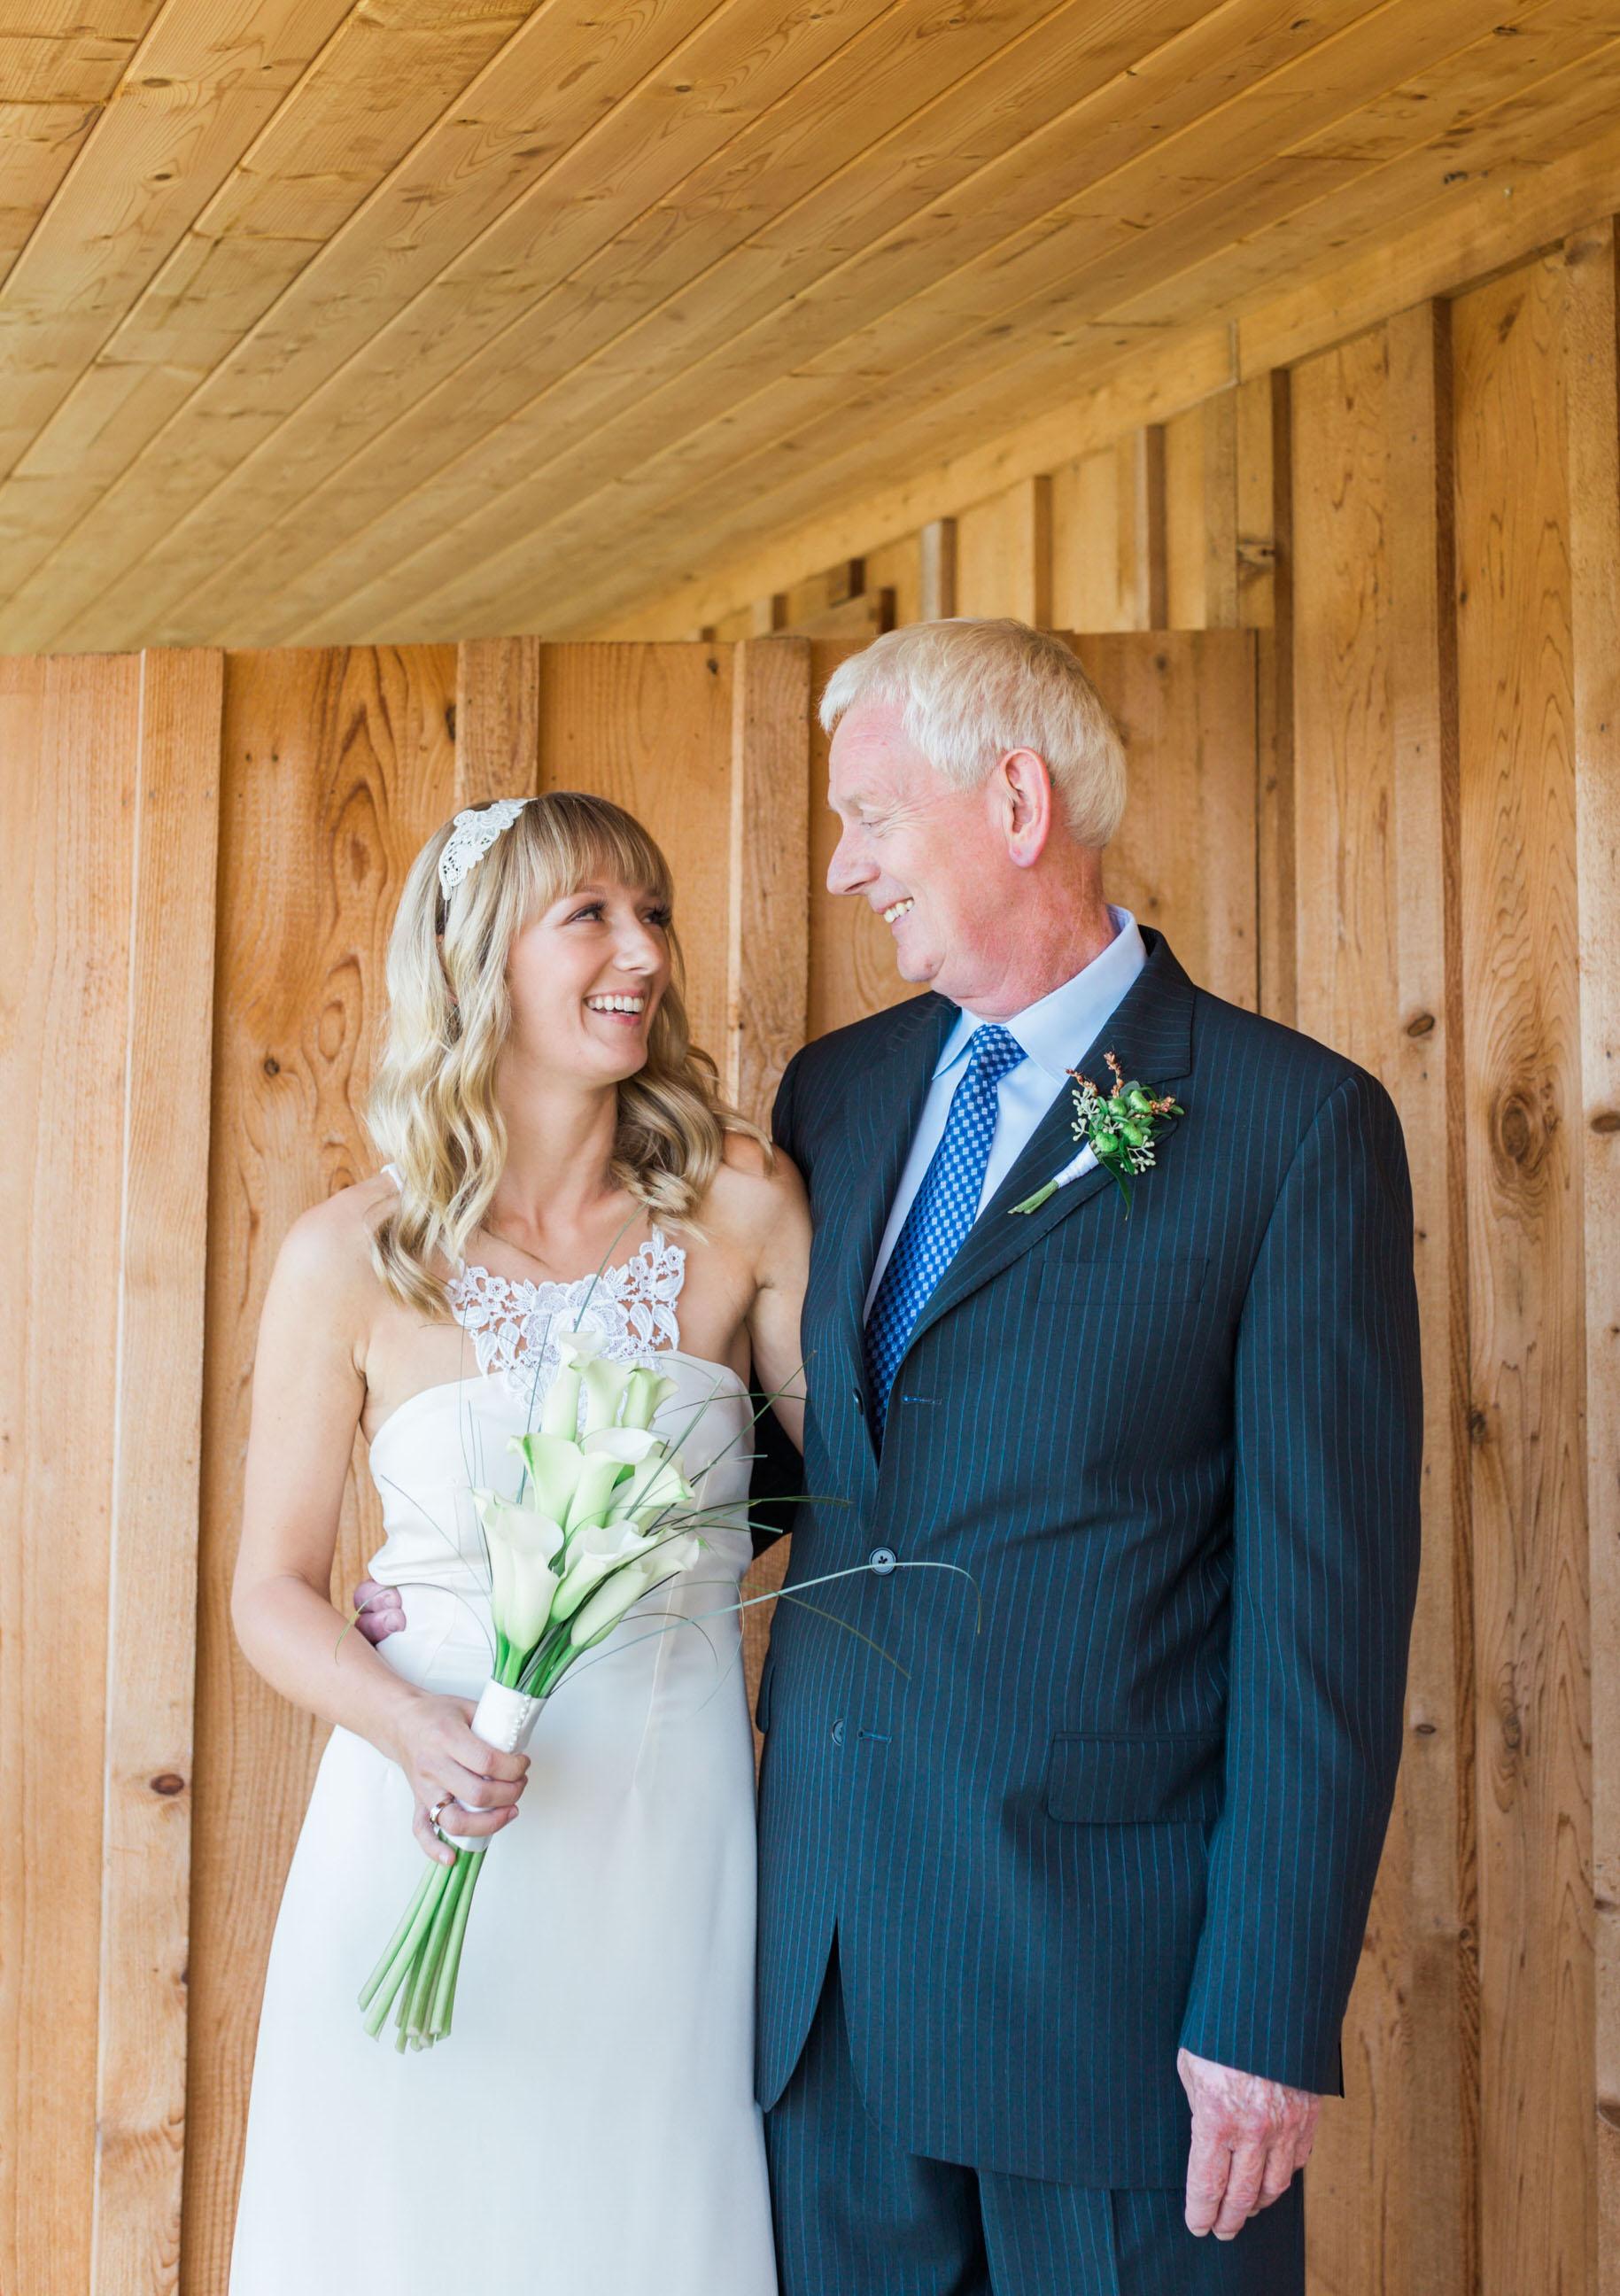 Sunshine Coast Wedding Photographer - Vancouver Wedding Photographer - West Coast Wilderness Lodge Wedding - Jennifer Picard Photography - IMG_6605.jpg